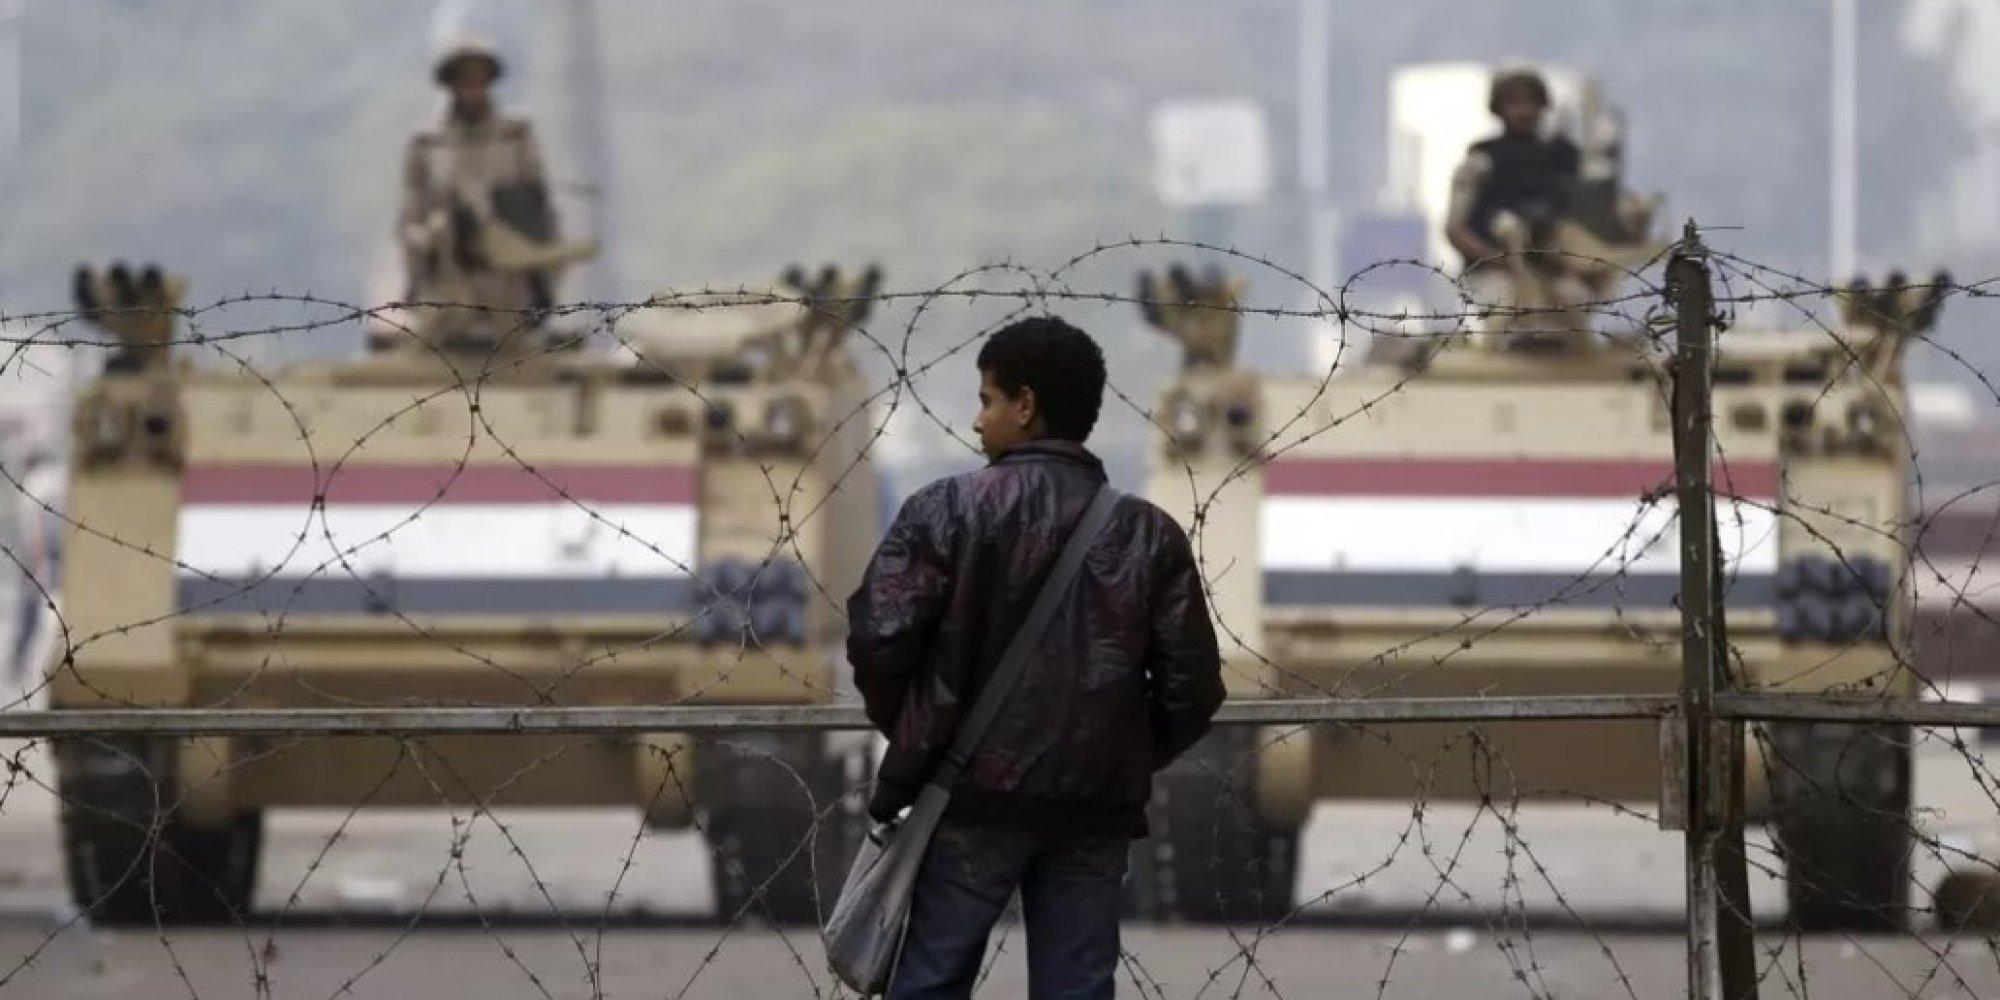 لا يأكلون معهم ولا يصلّون خلفهم! تفاصيل شجار لا يتوقف بين أنصار داعش والإخوان في سجون مصر